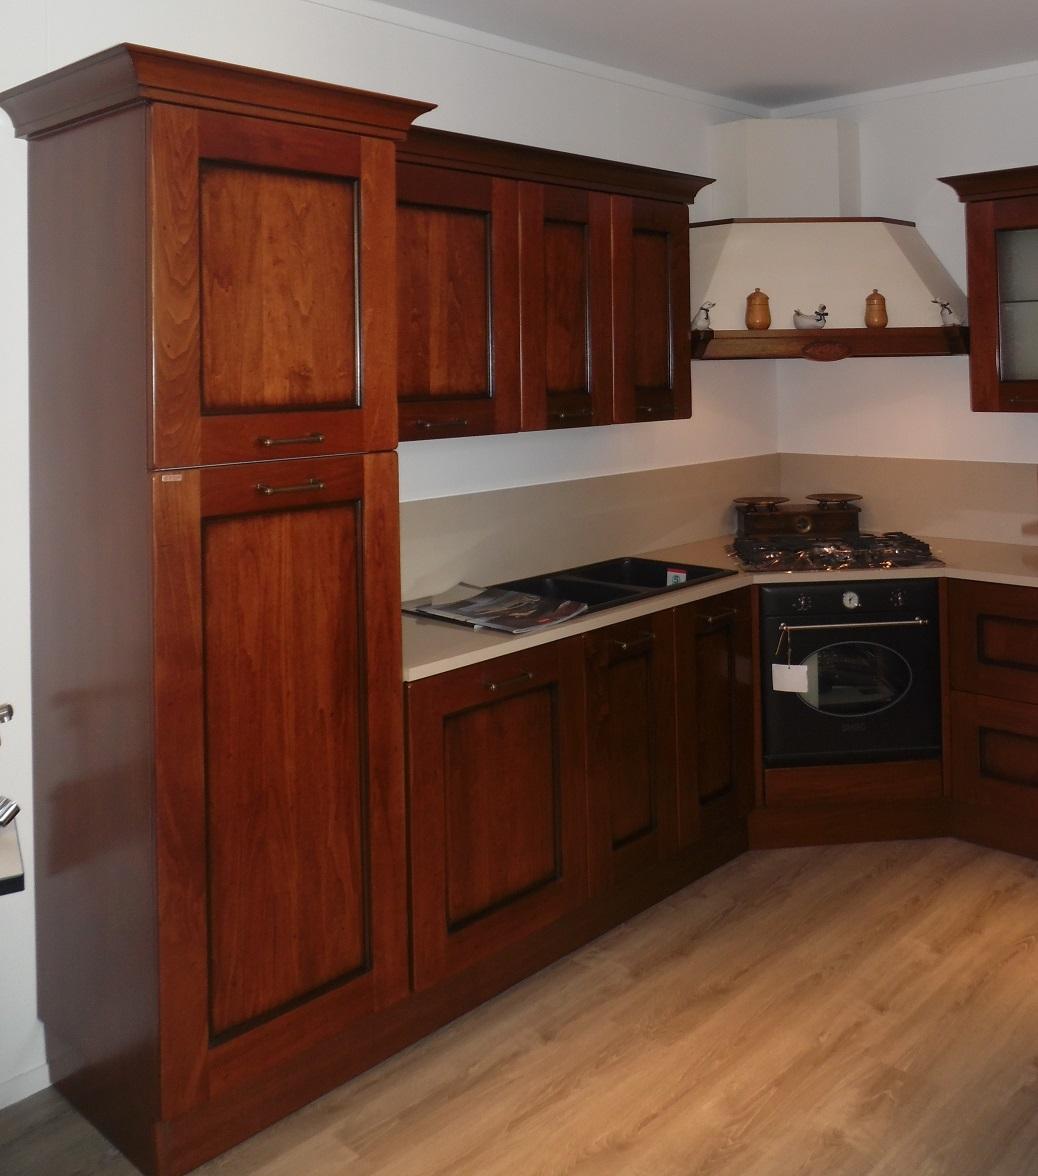 Cucina ad angolo Amelie Scavolini scontata del 30% - Cucine a prezzi scontati